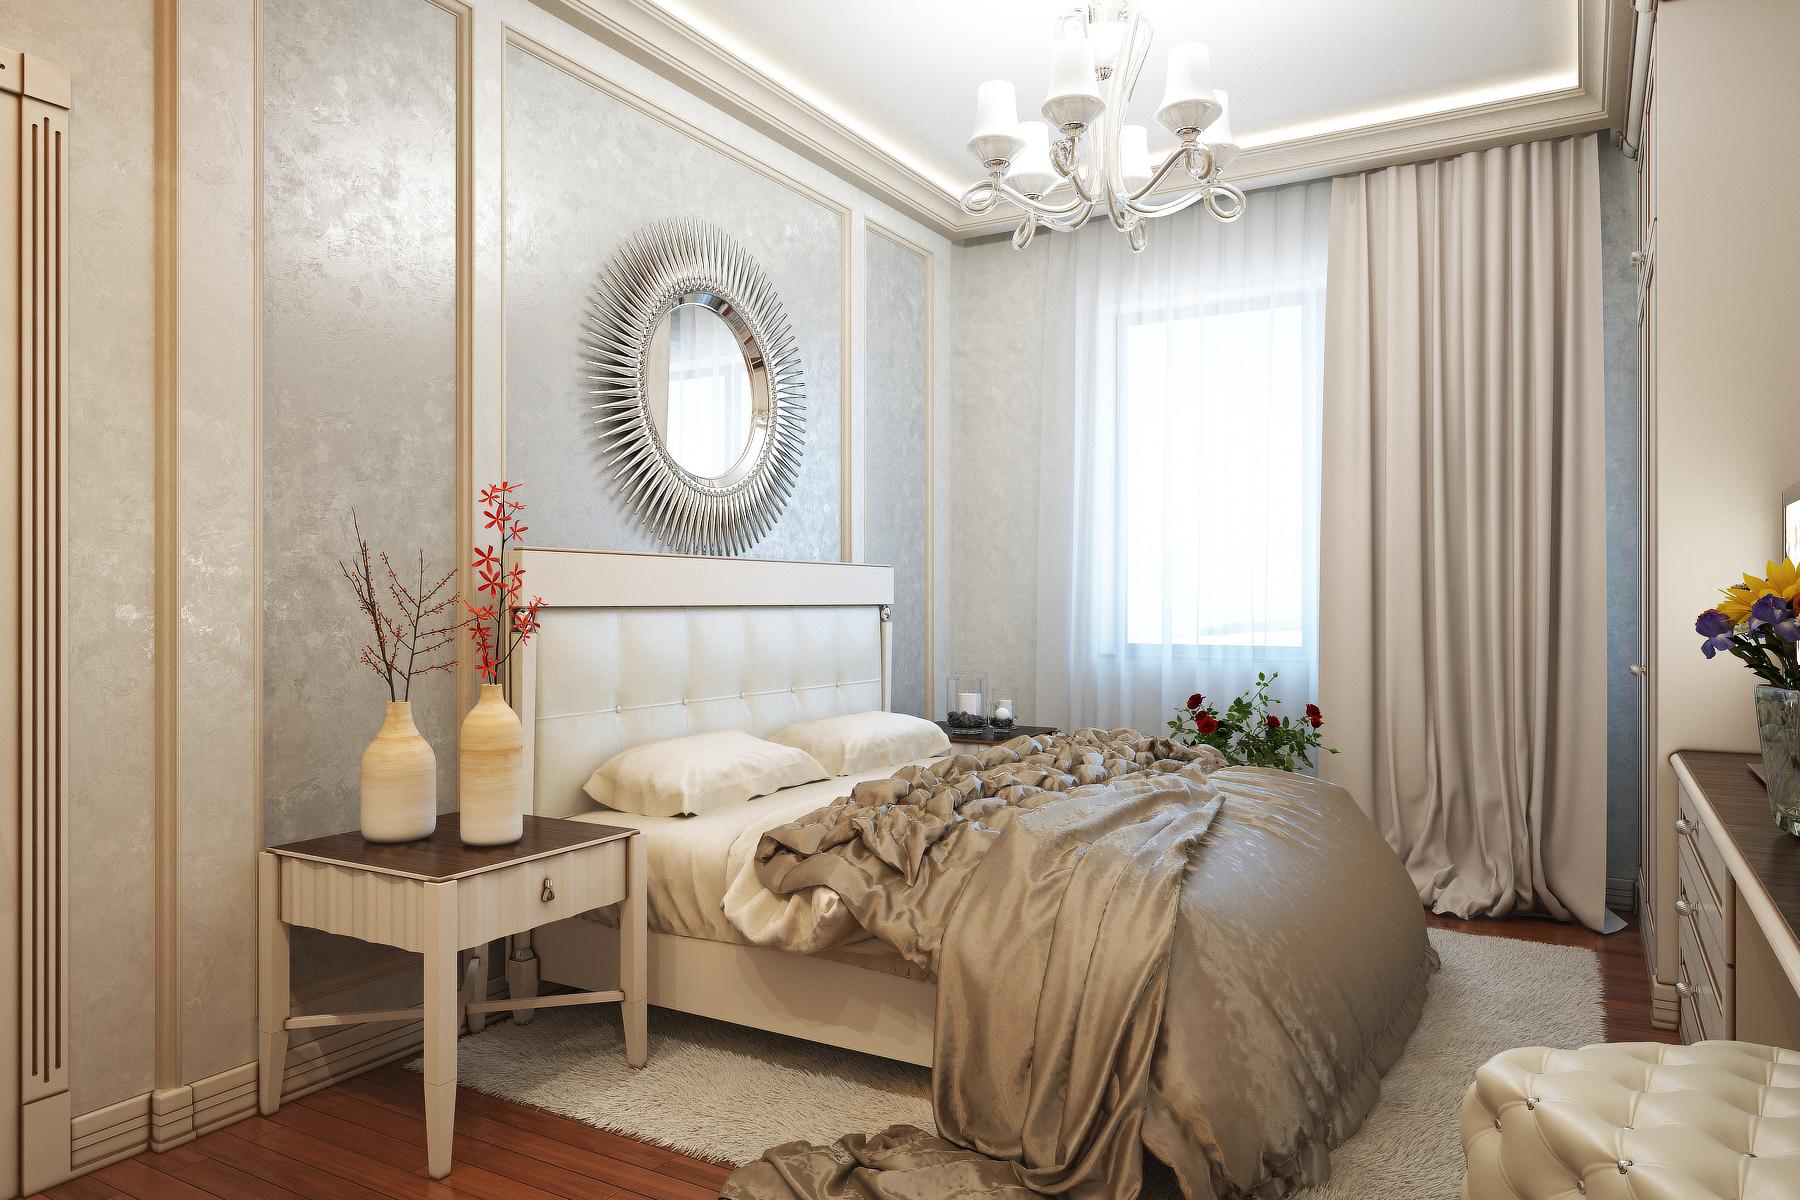 Спальня 001 2 пост